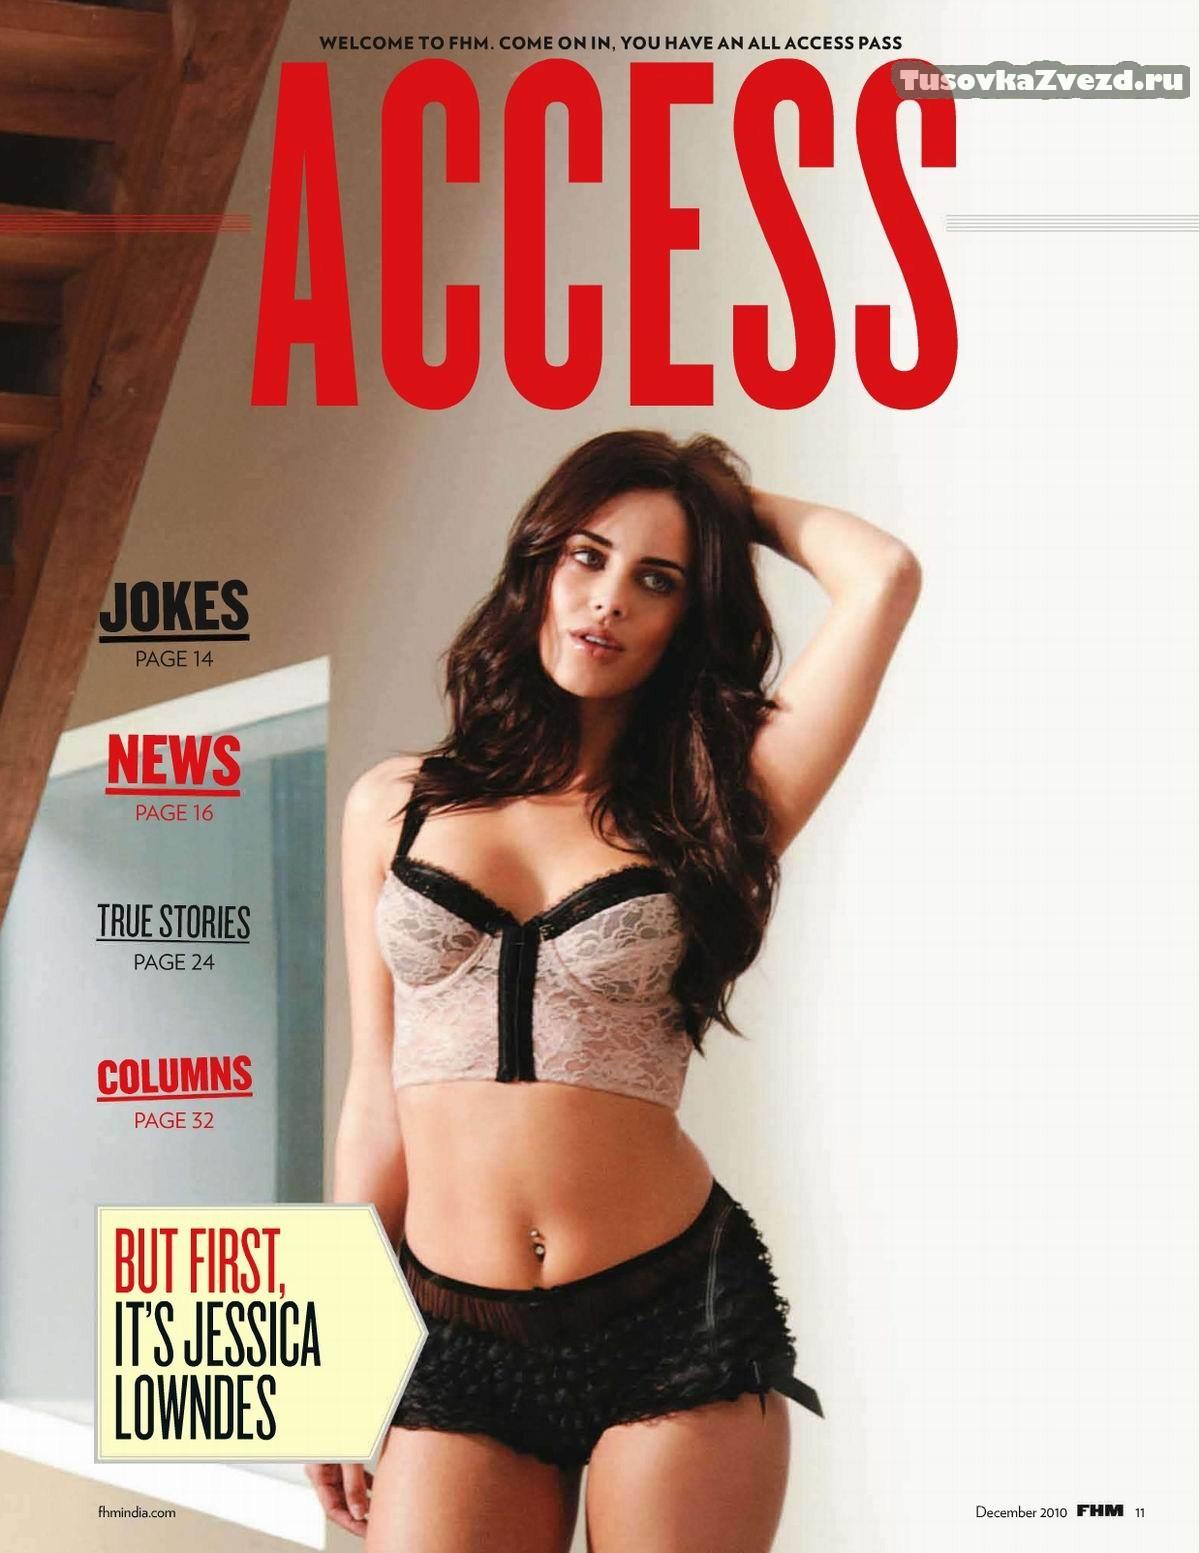 Джессика Лаундес (Jessica Lowndes) фото в журнале FHM Индия, декабрь 2010